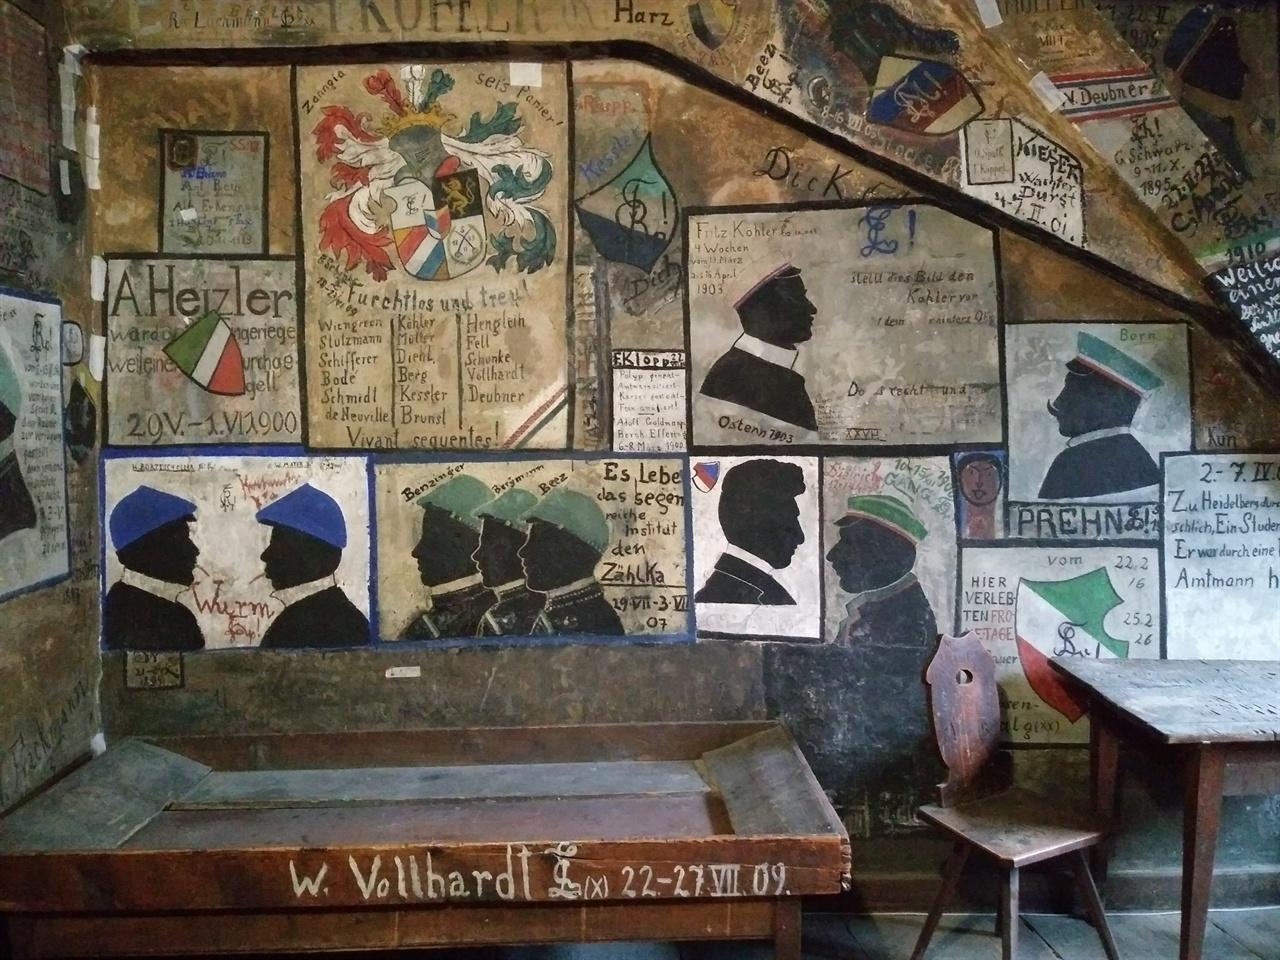 '관광지' 하이델베르그 학생 감옥 옛날 규칙을 위반한 대학생들을 격리시켜 근신하도록 만든 공간으로, 관광객들이 주로 찾는 명소이다. 벽에 온통 낙서가 되어 있는데, 당시 학생들의 것도 있지만, 관광객들이 덧입힌 것도 많다. 한국어 낙서도 숱하다.